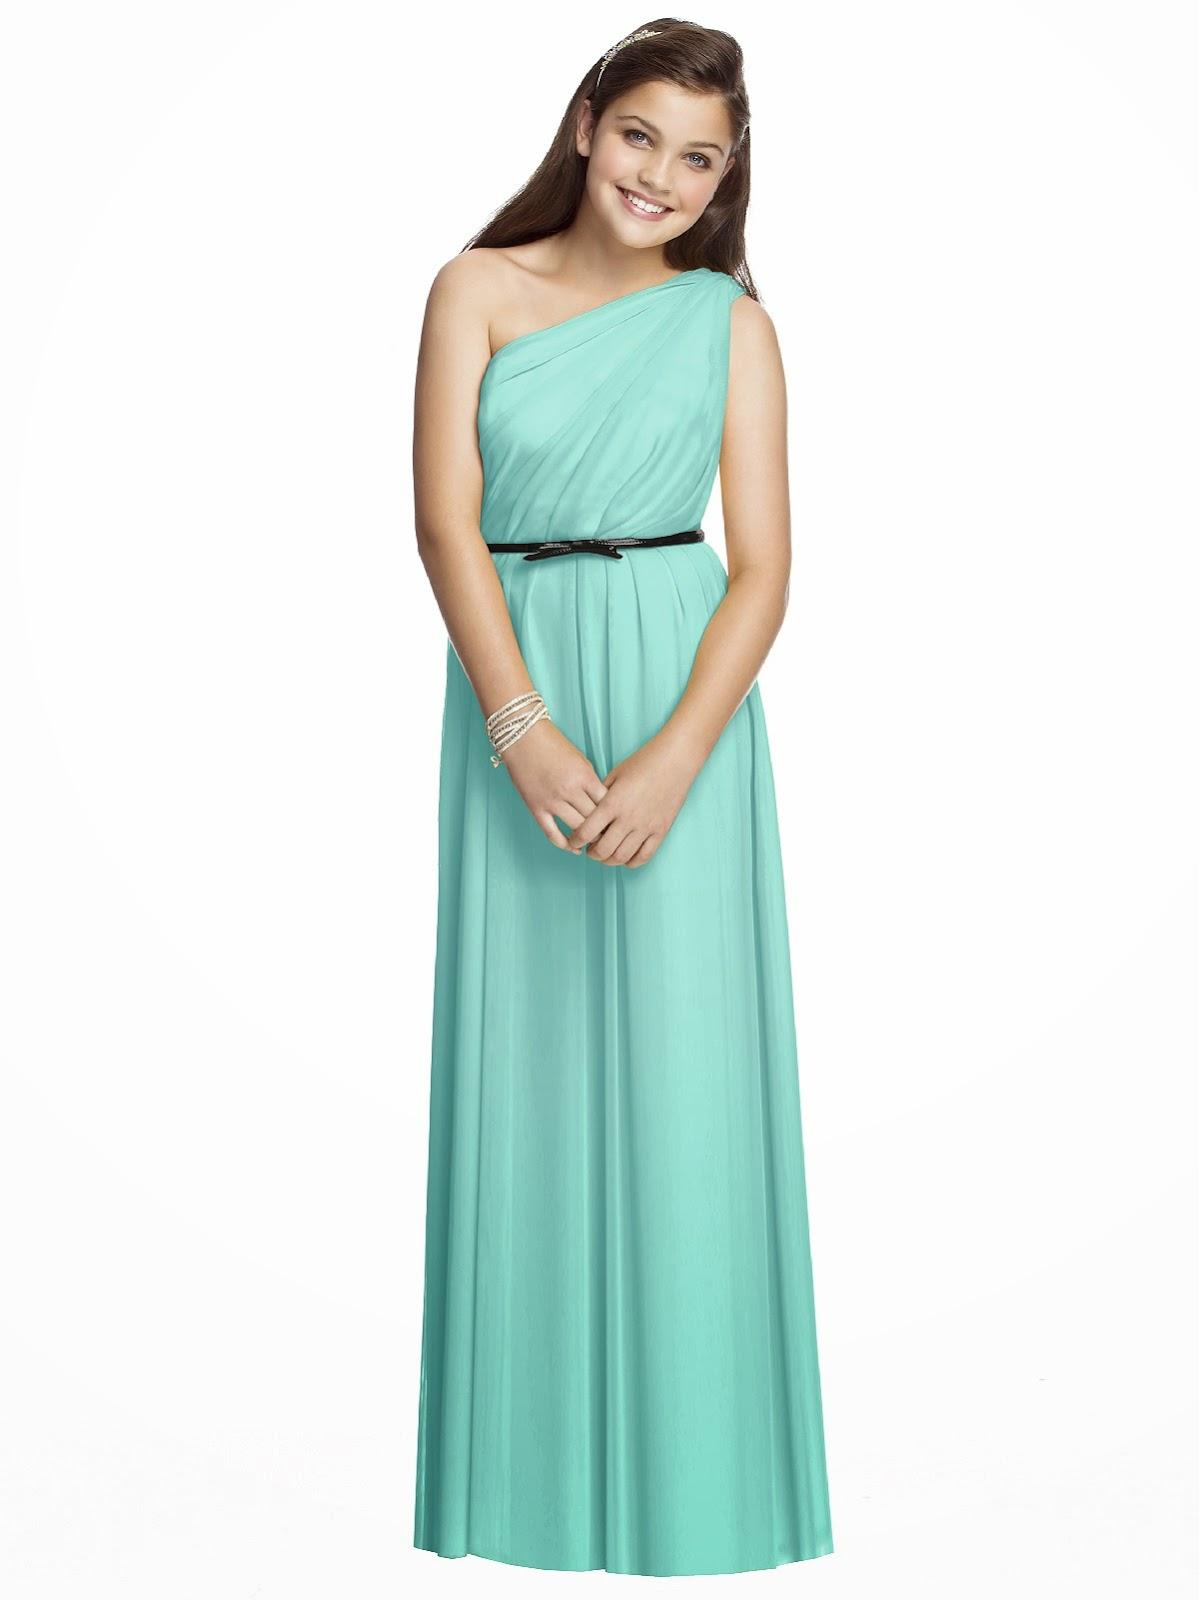 macy s bridesmaid dresses juniors macy's wedding dresses Macy S Bridesmaid Dresses Juniors 44